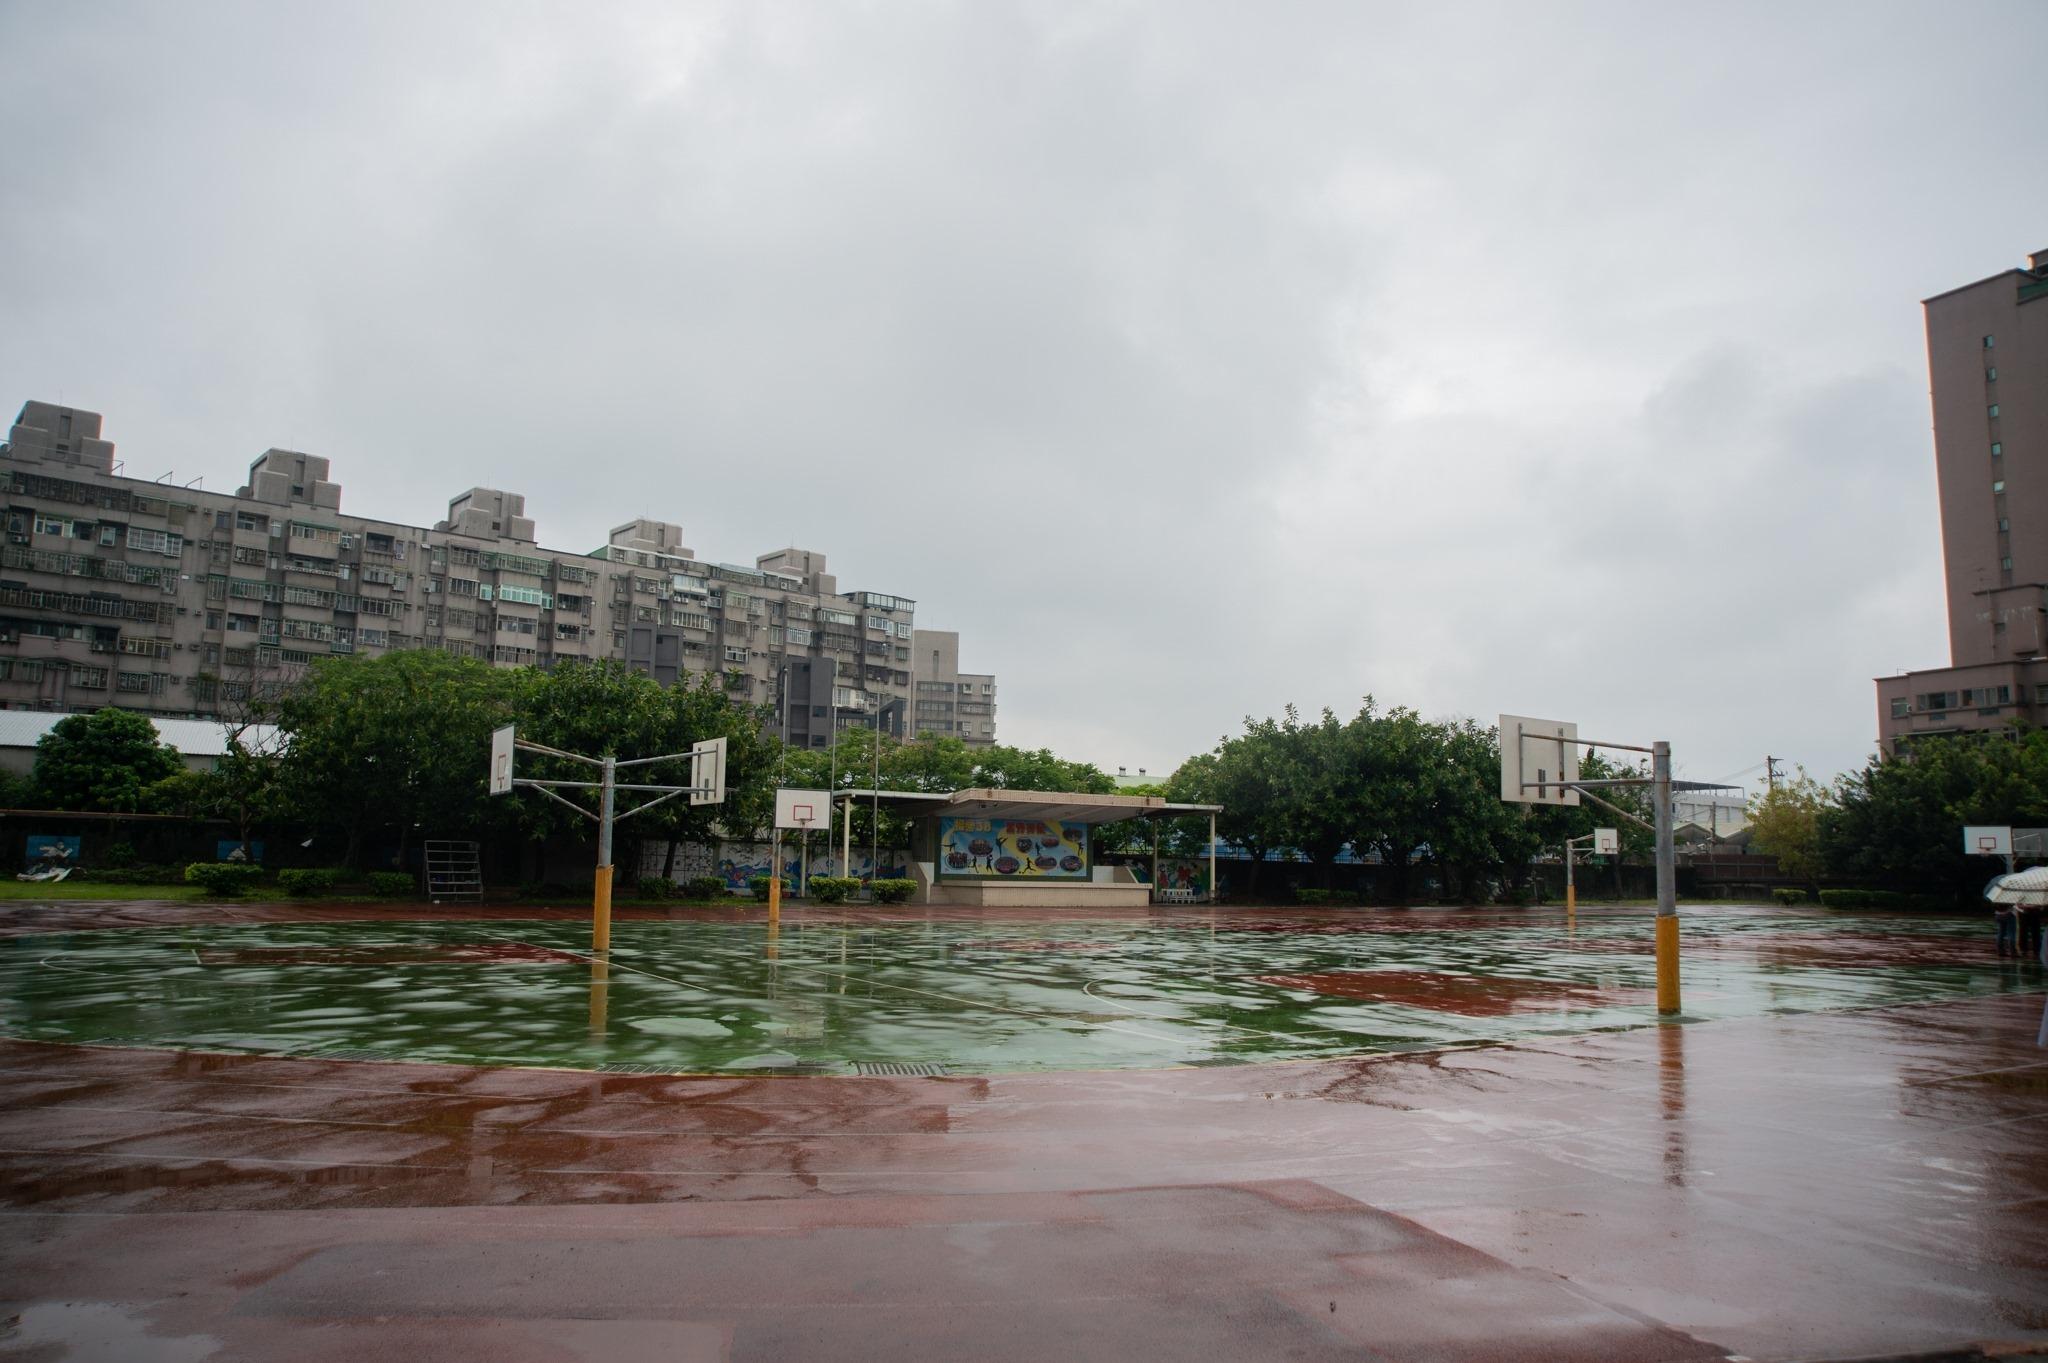 福營國中跑道破損,有多次修補痕跡,且逢雨必積水。